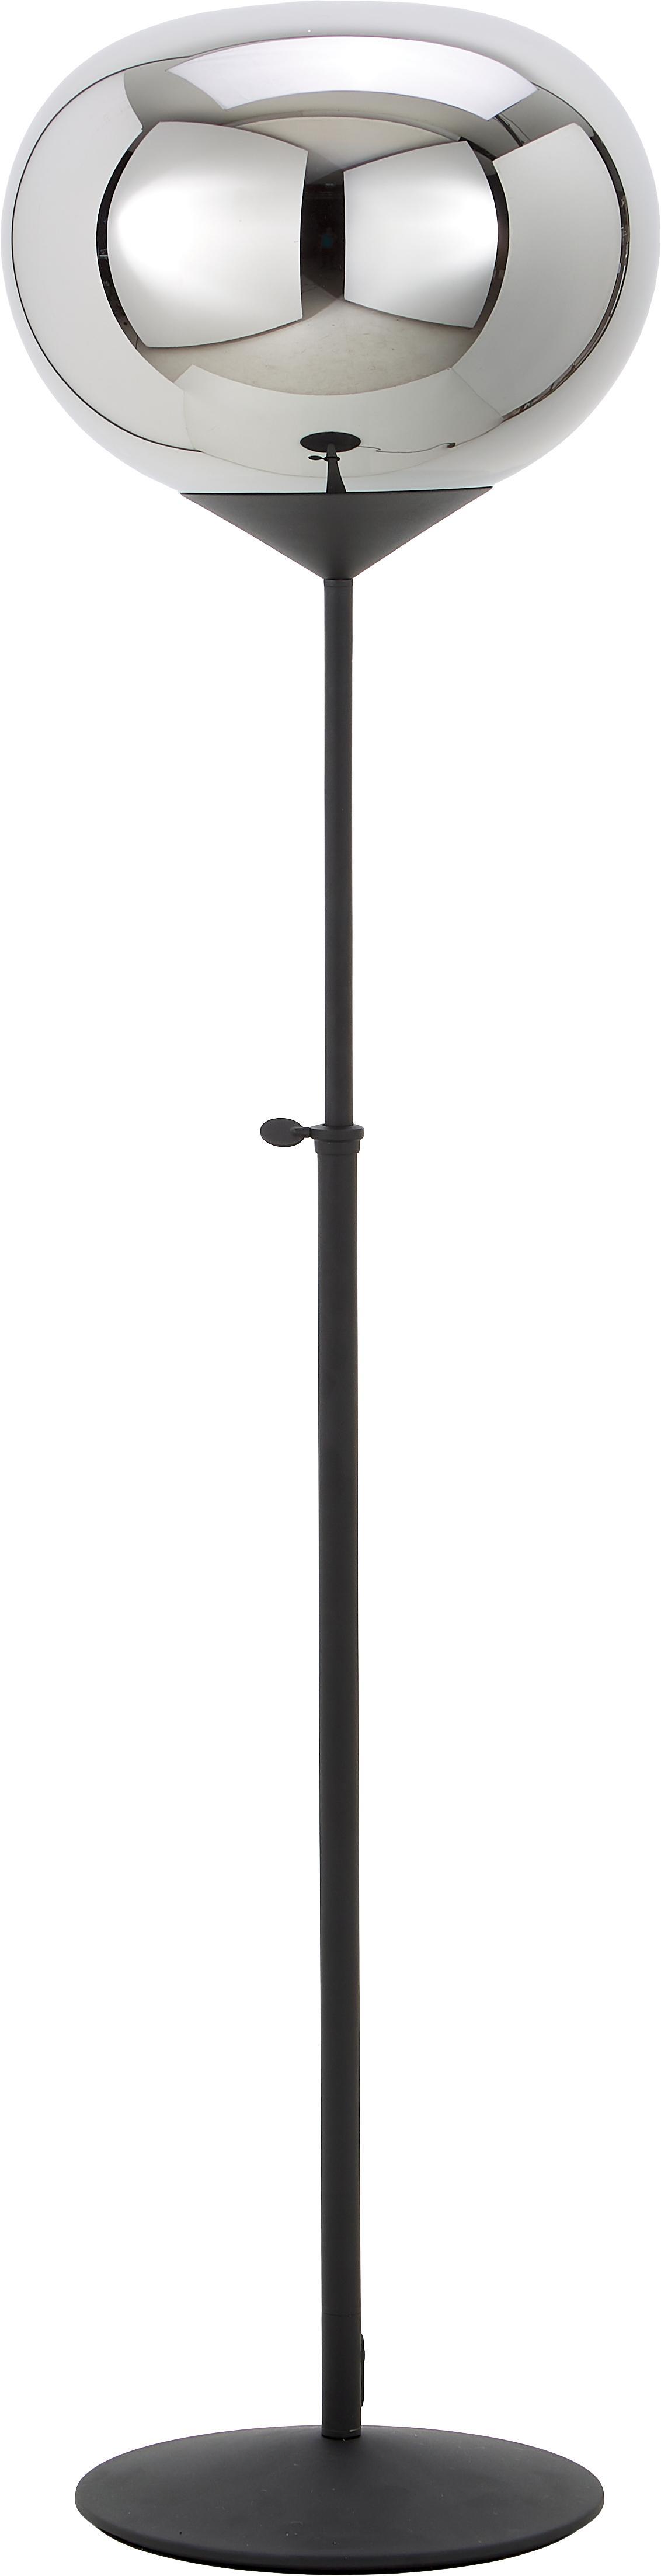 Vloerlamp Drop, in hoogte verstelbaar, Lampenkap: verchroomd glas, Lampvoet: gelakt metaal, Chroomkleurig, zwart, Ø 36 x H 164 cm